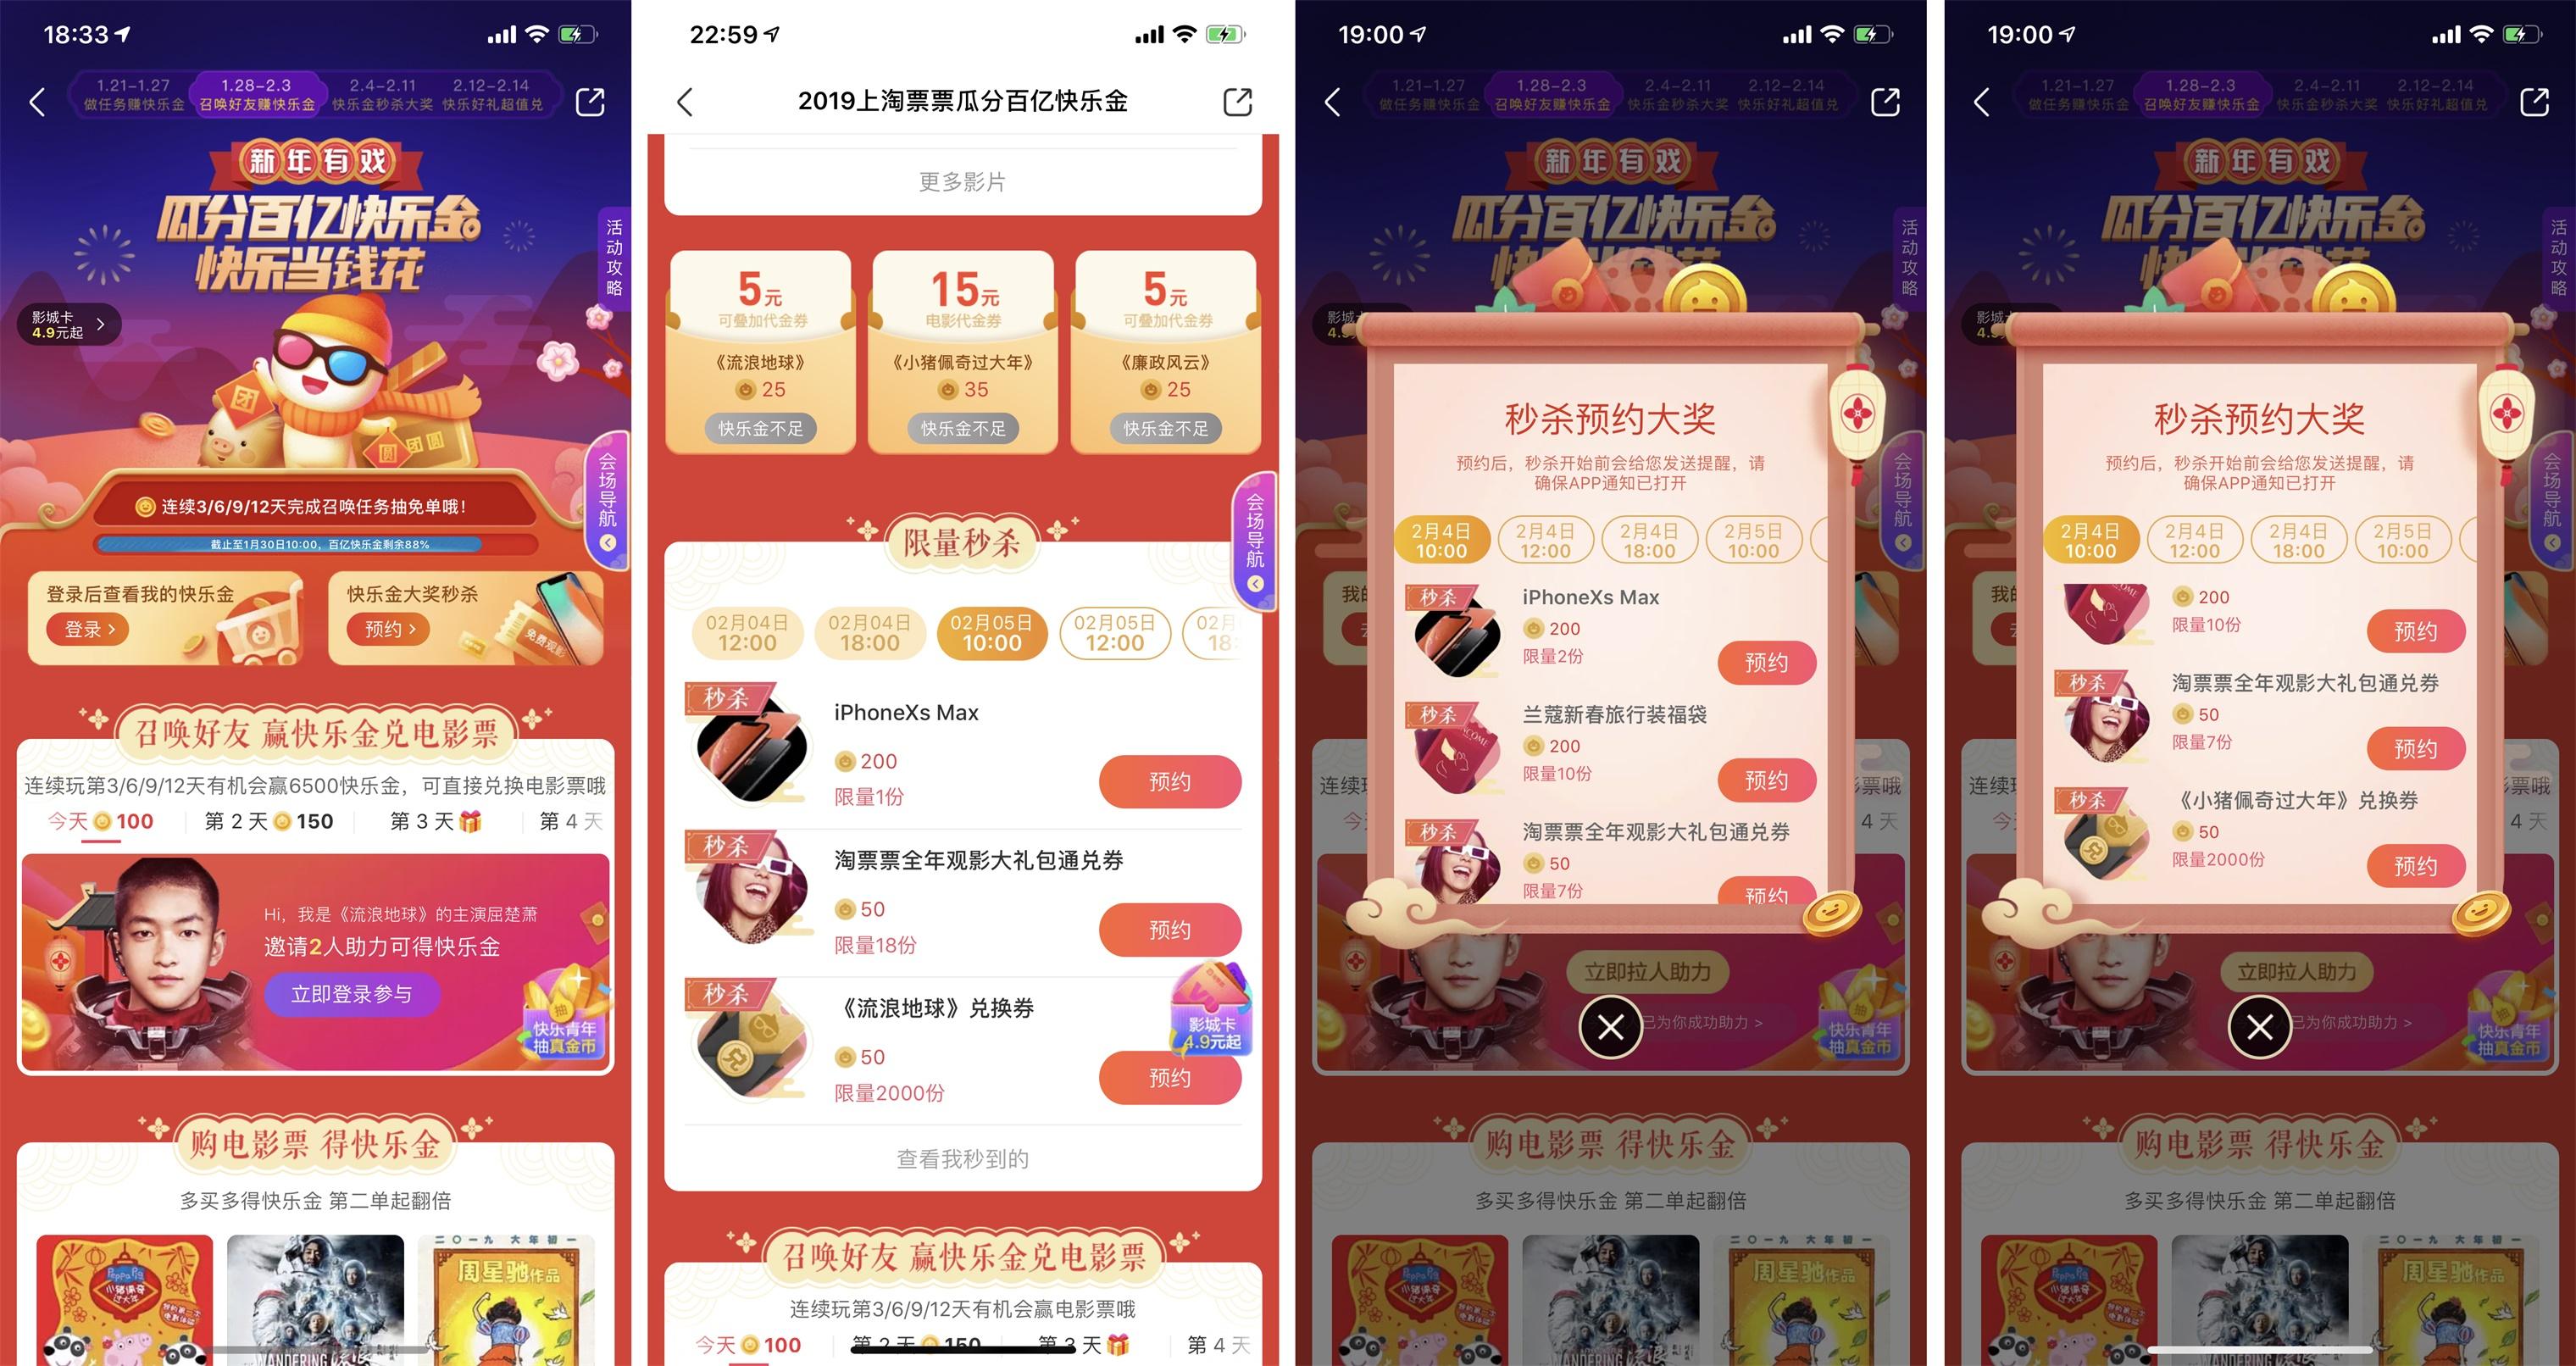 2019促销小说排行榜_2019小说期刊杂志 言情小说排行榜